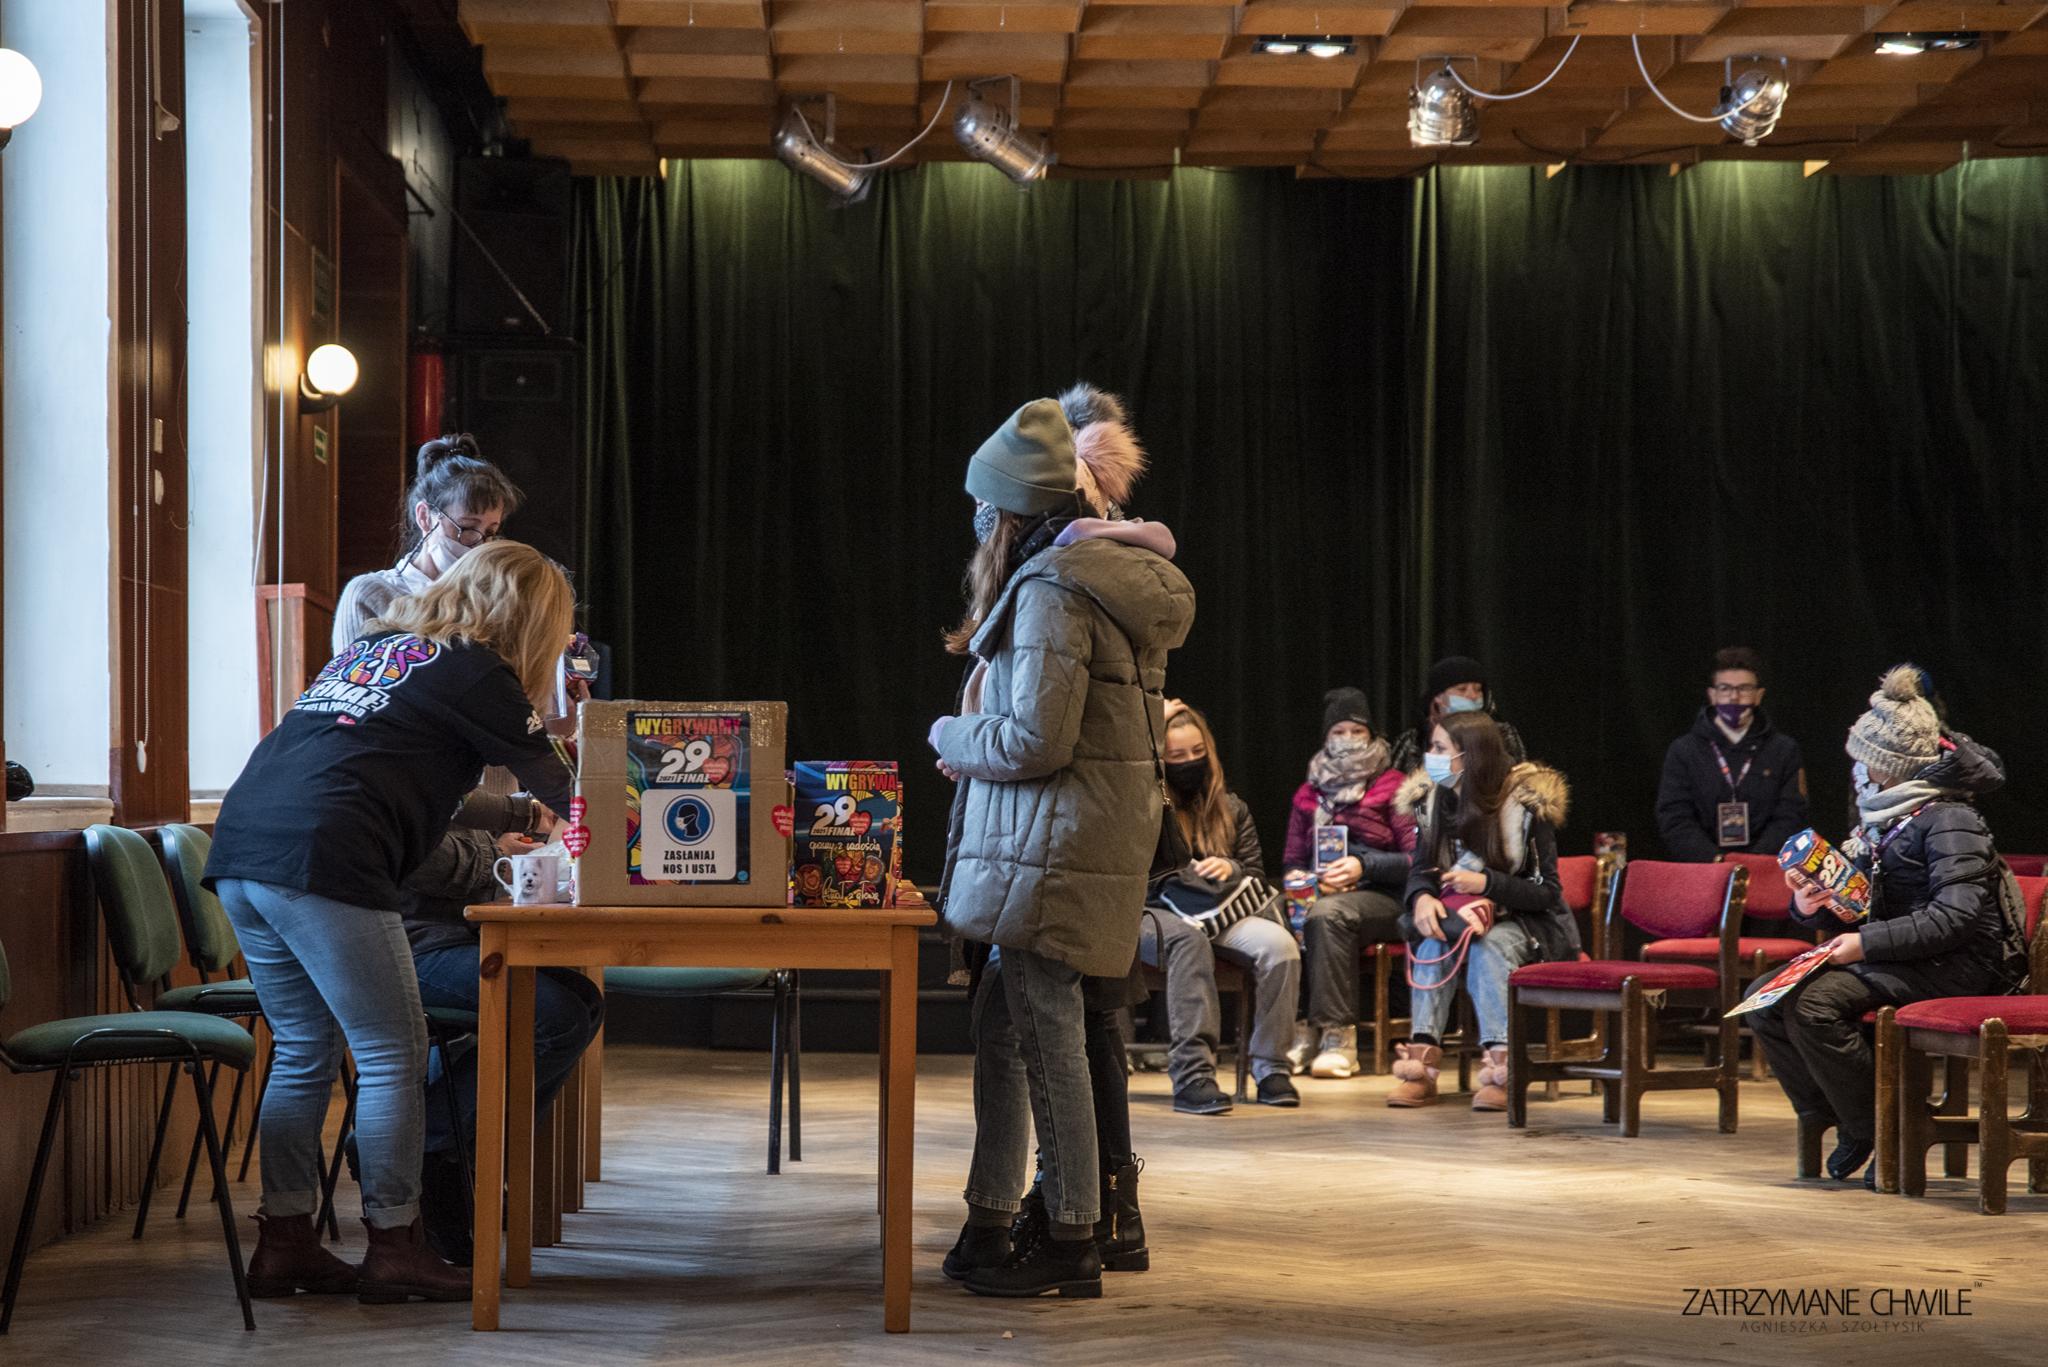 zdjęcie; duża sala z reflektorami, stoły i krzesła, trzy osoby dorosłe wydają 2 wolontariuszkom WOŚP puszki i kominy, na krzesłach siedzi 6 ludzi w maseczkach i czeka